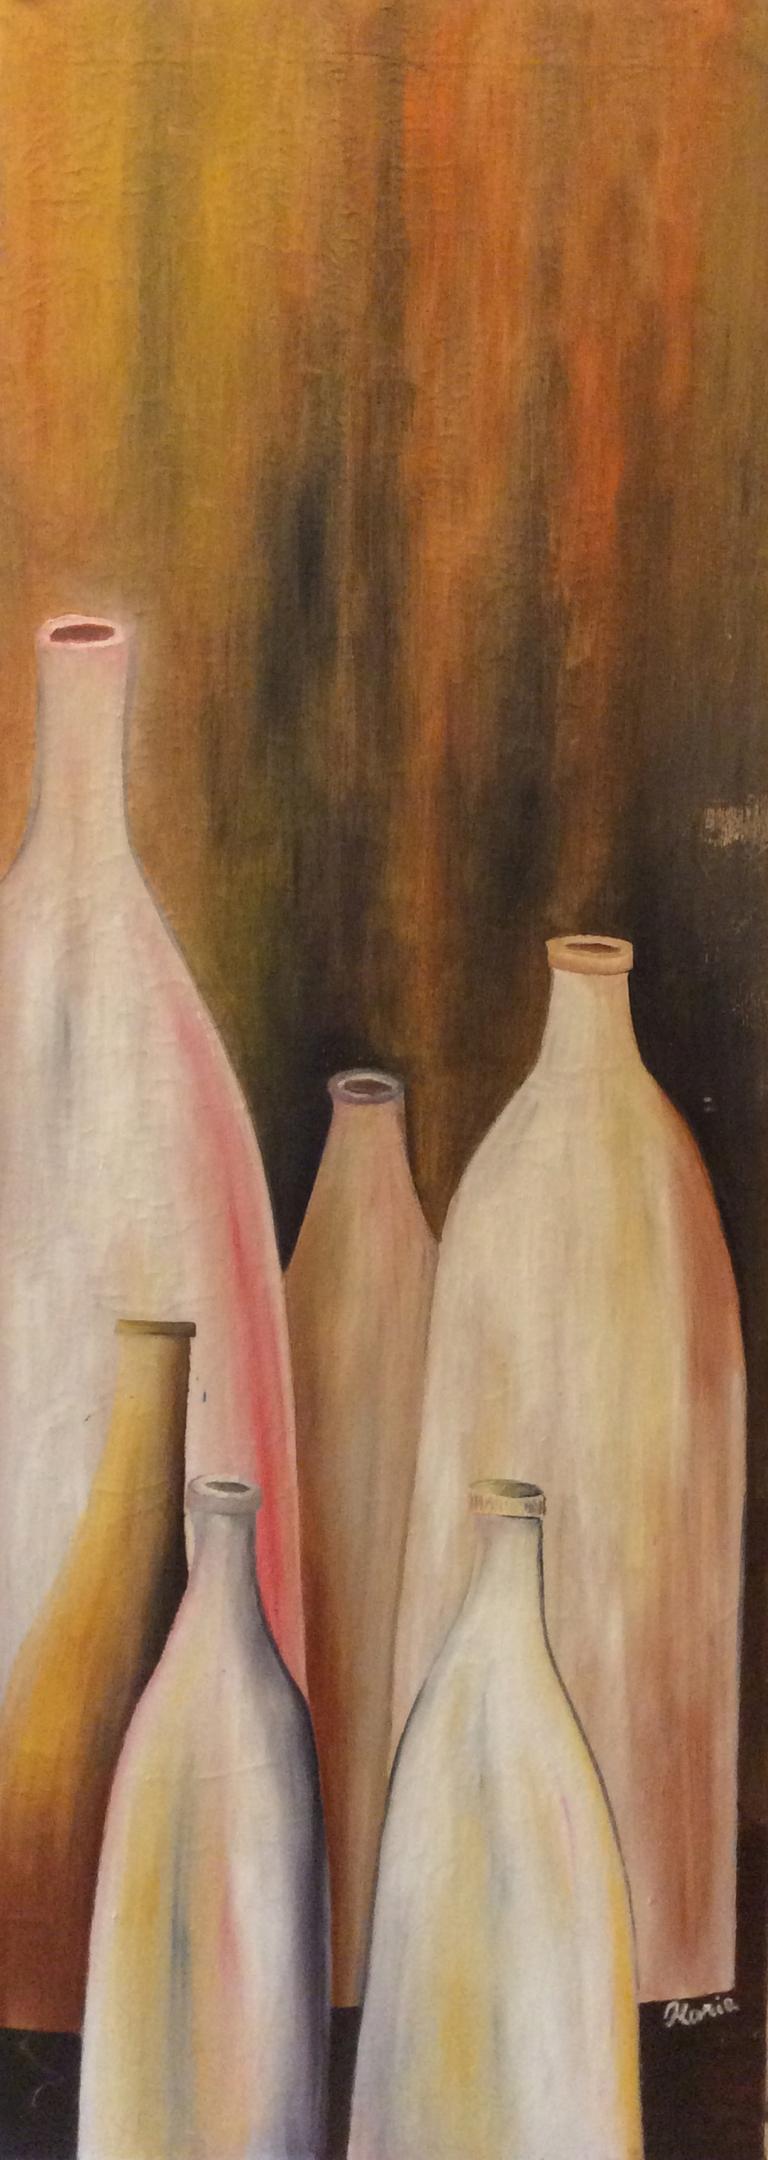 5_bottiglie